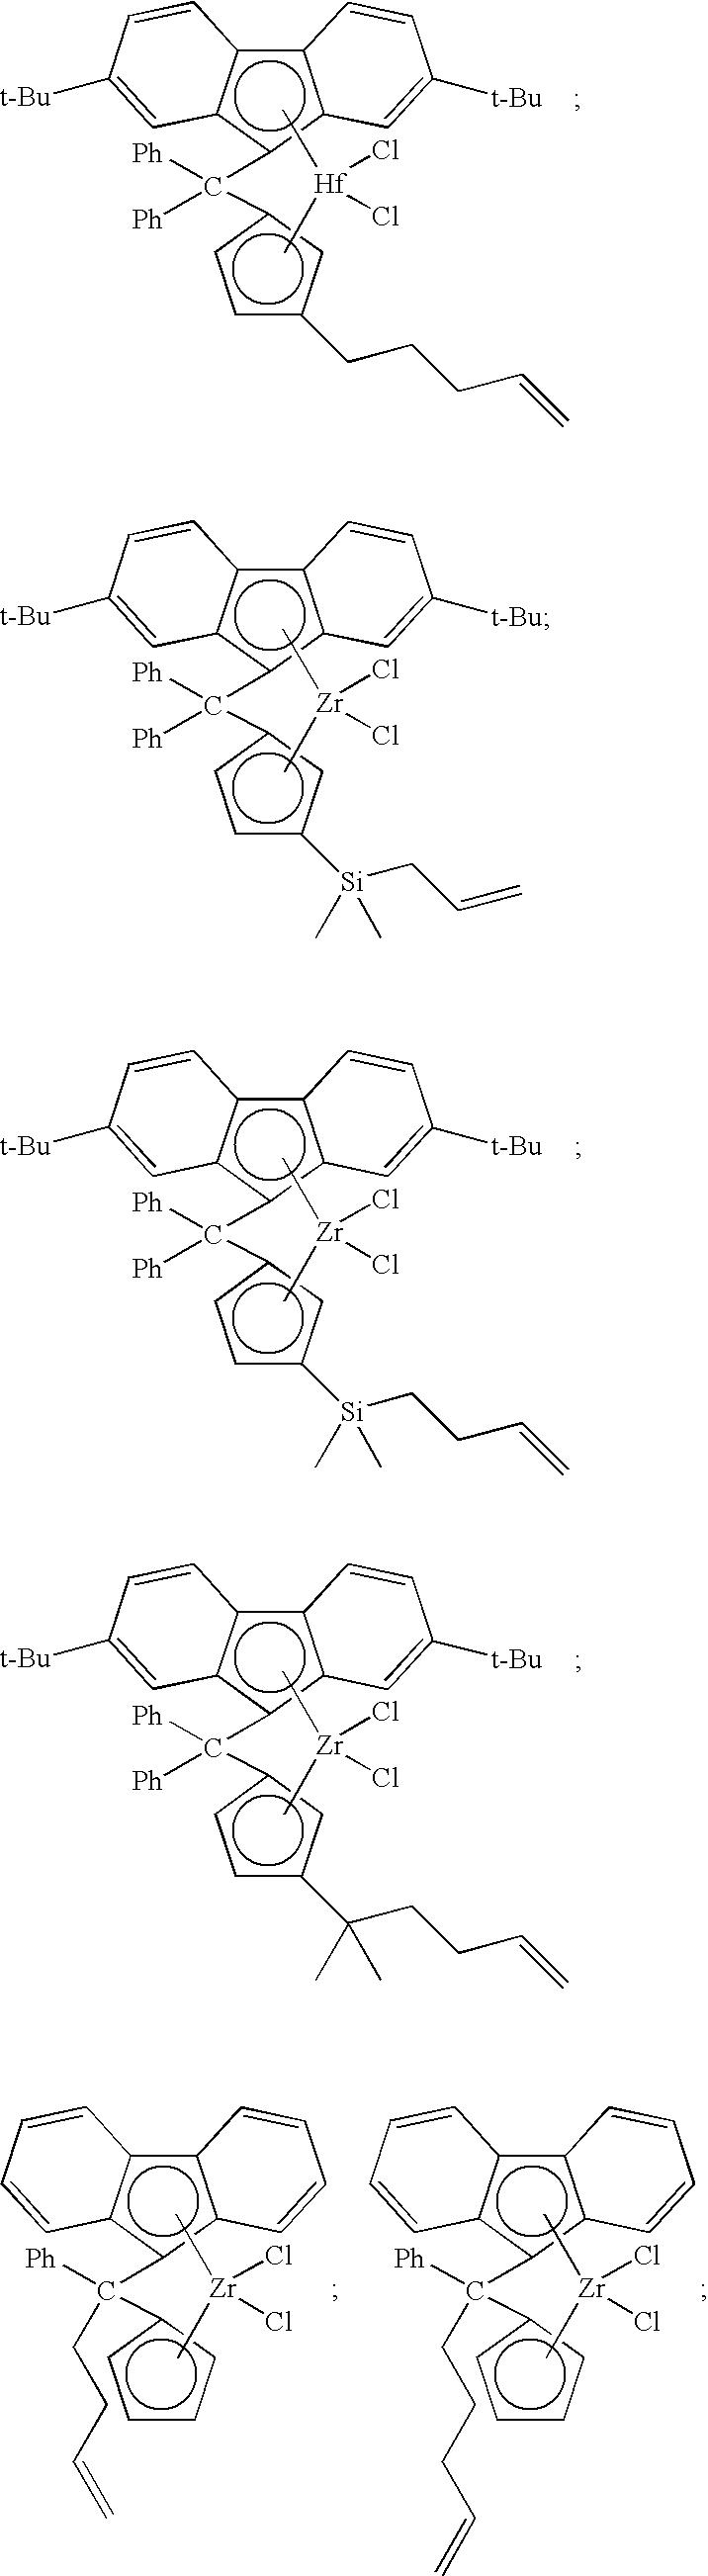 Figure US08329834-20121211-C00008